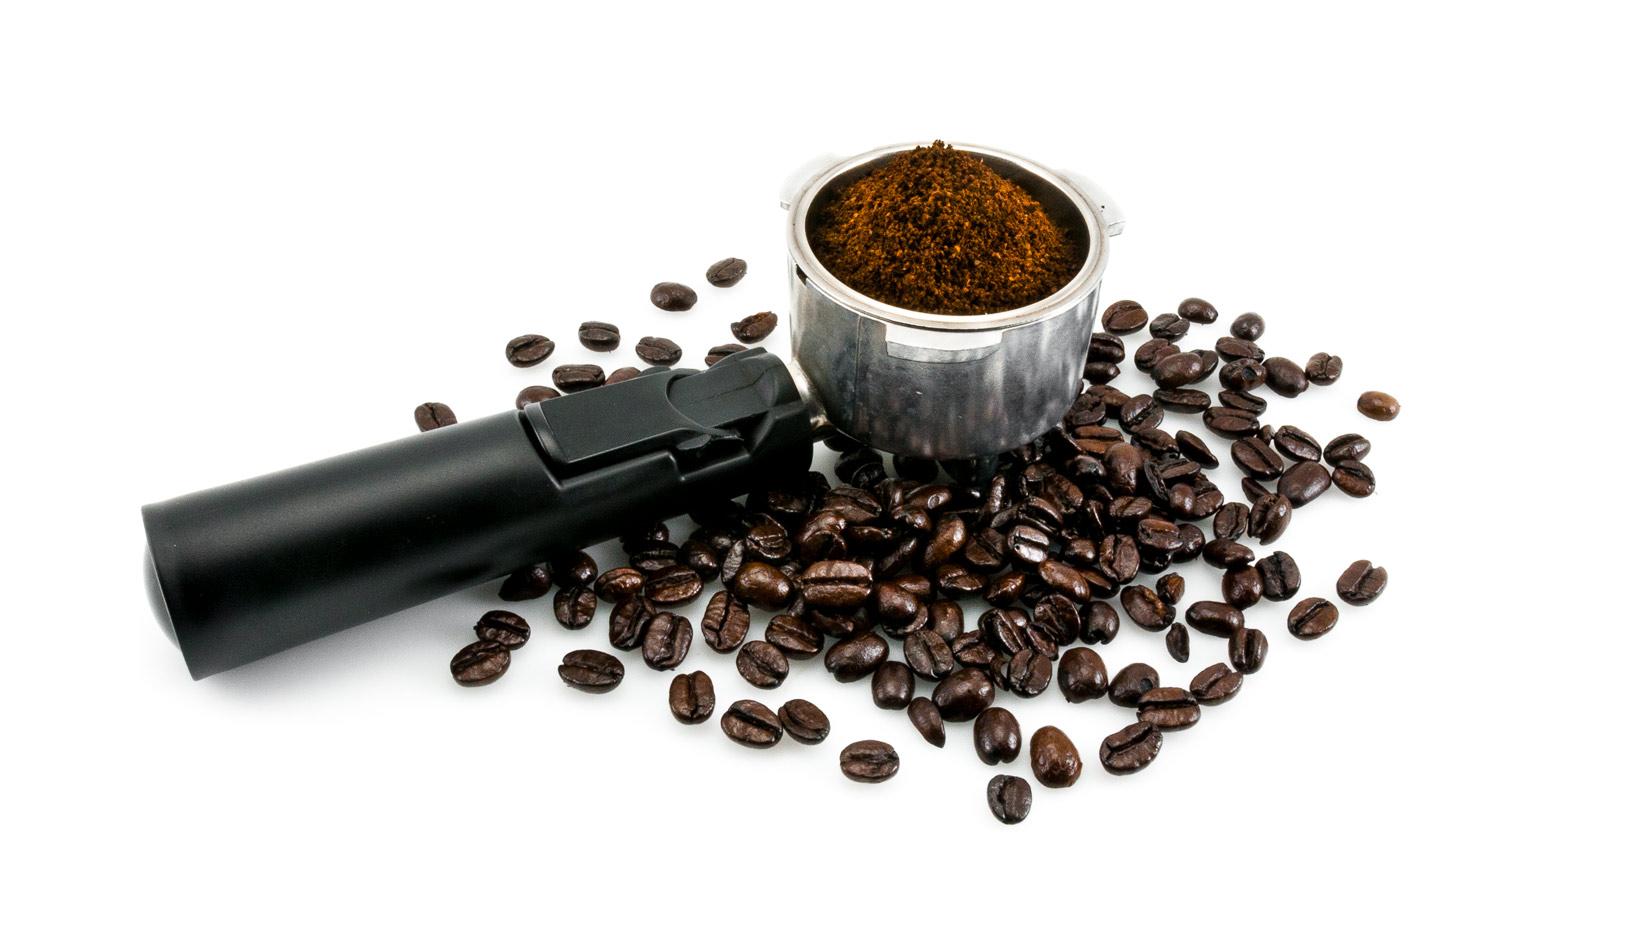 Není nad čerstvě pomletou kvalitní kávu